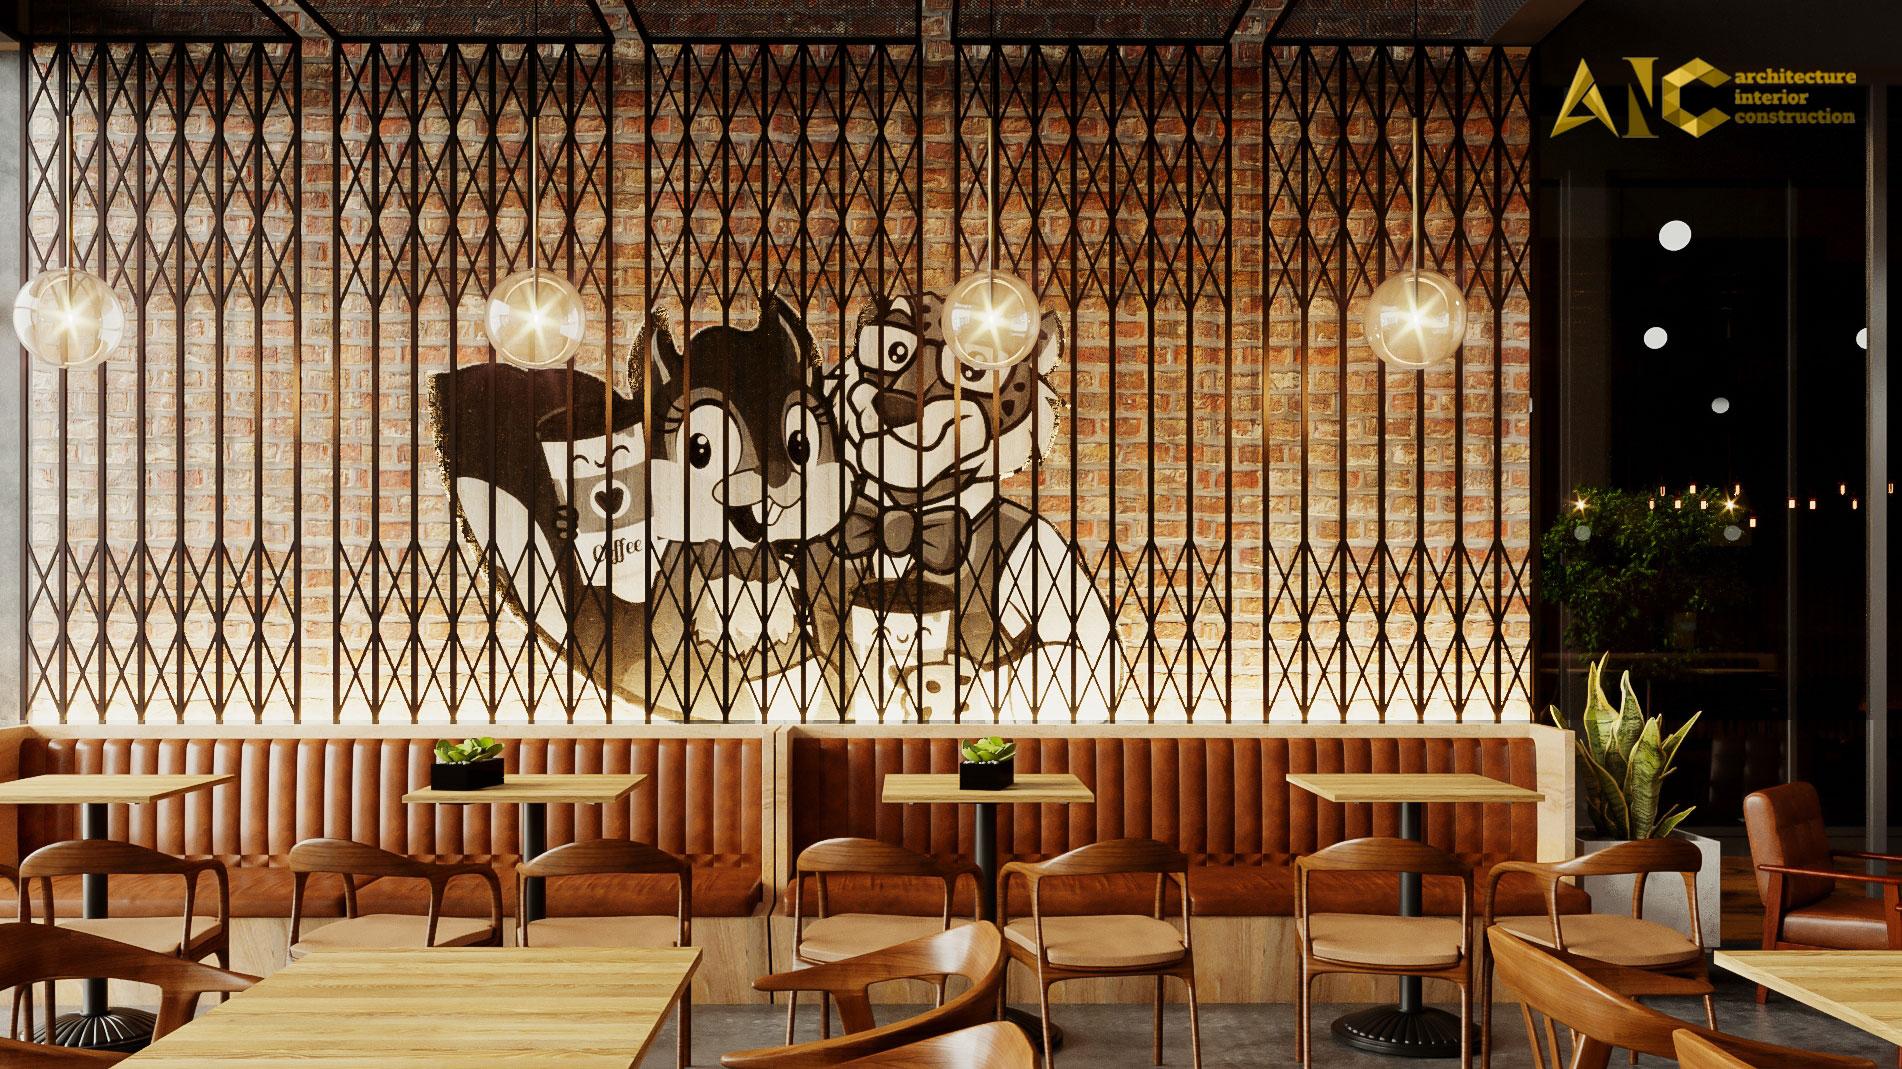 thiết kế và thi công khu cafe văn phòng Tantofaz- khu cafe văn phòng view 1